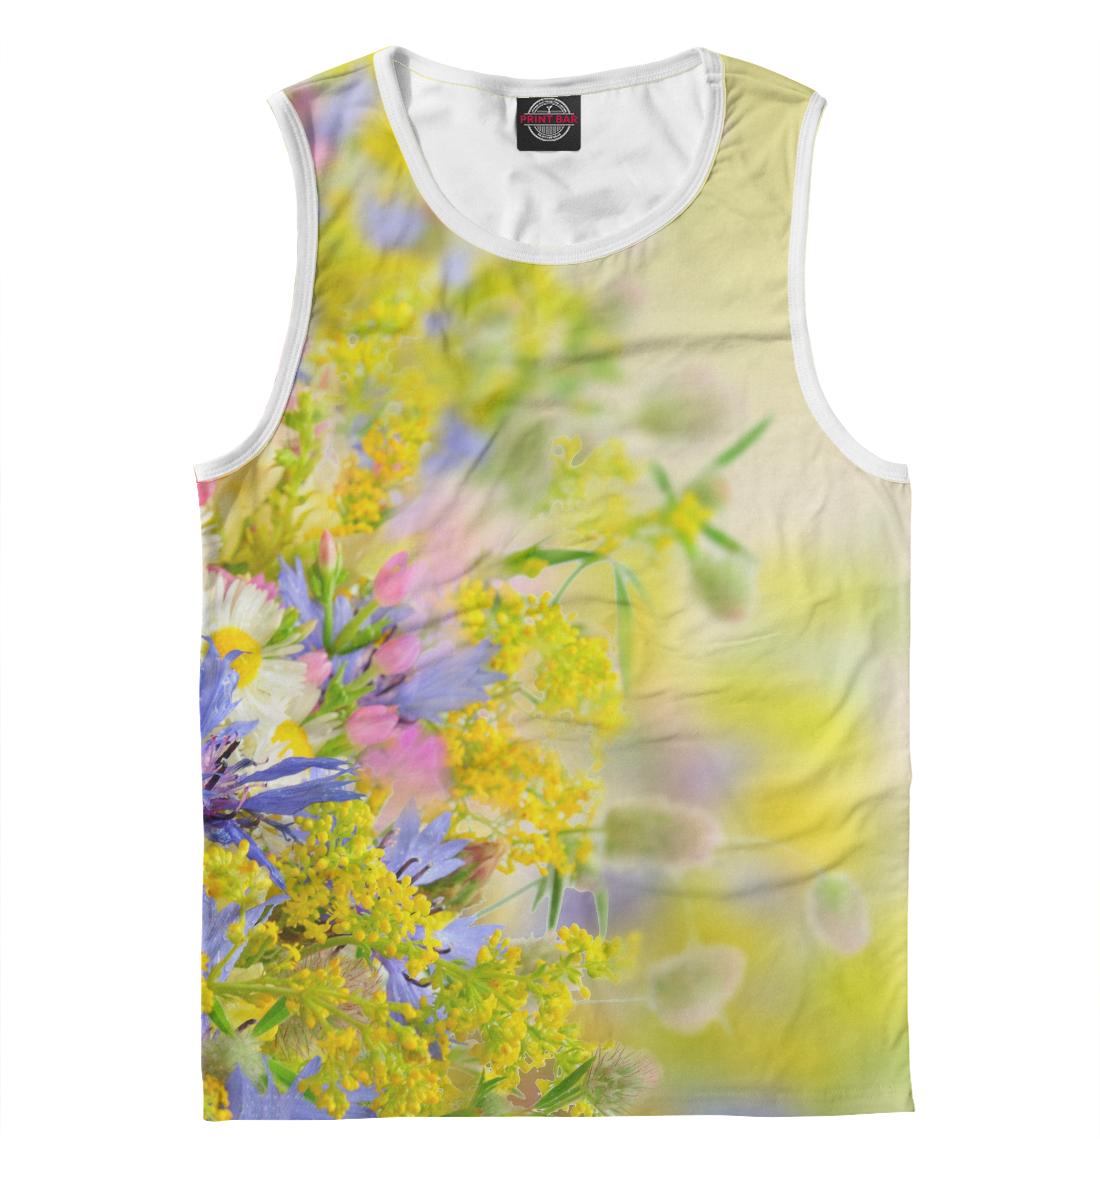 Купить Цветочки, Printbar, Майки, CVE-406827-may-2